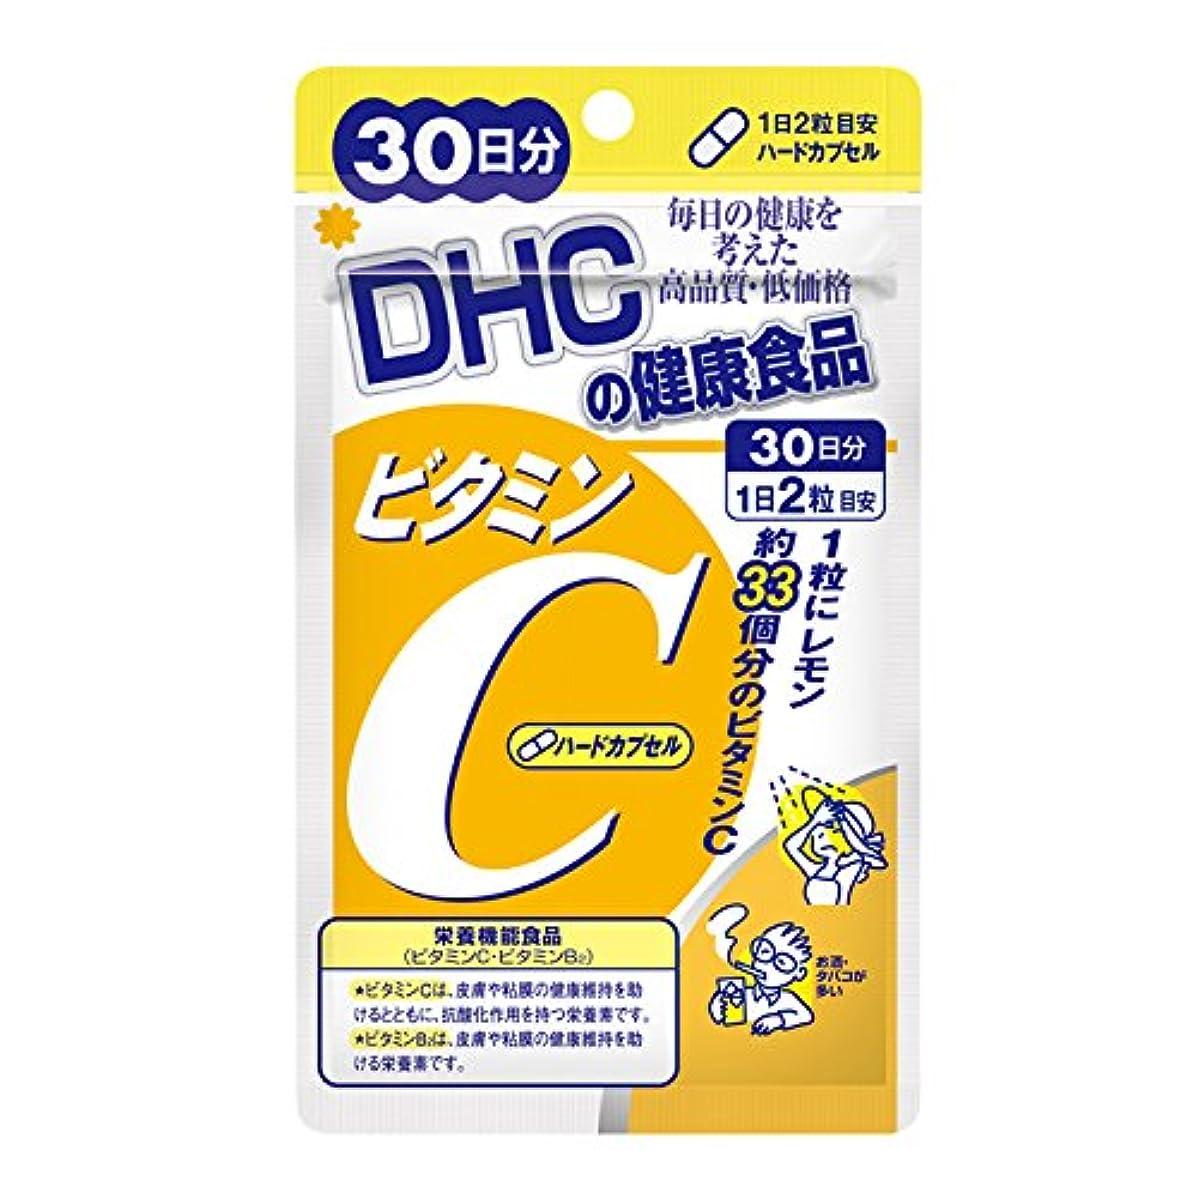 フルーツ野菜思い出乞食DHC ビタミンC(ハードカプセル) 30日分